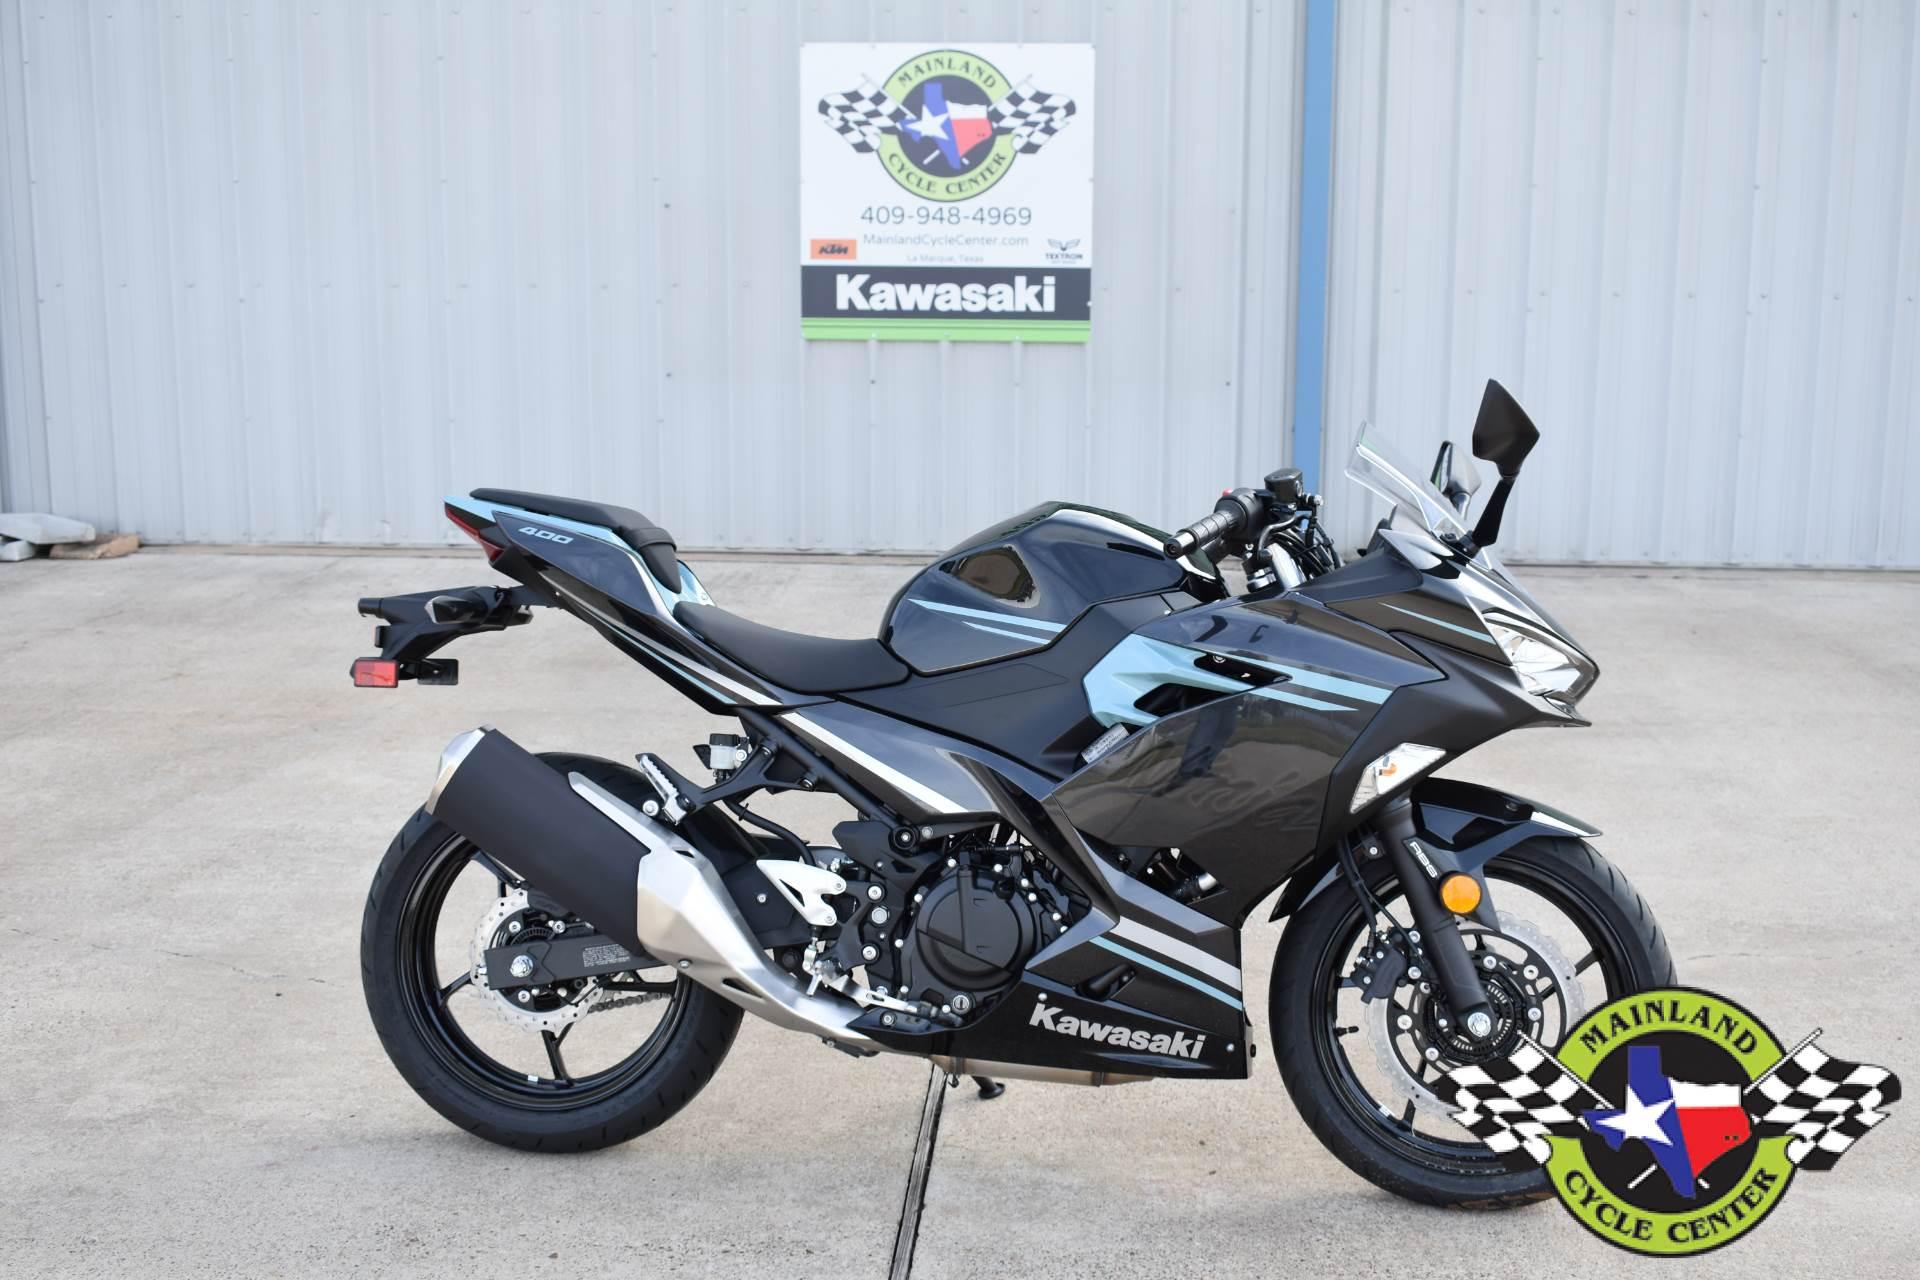 2020 Kawasaki Ninja 400 ABS 2